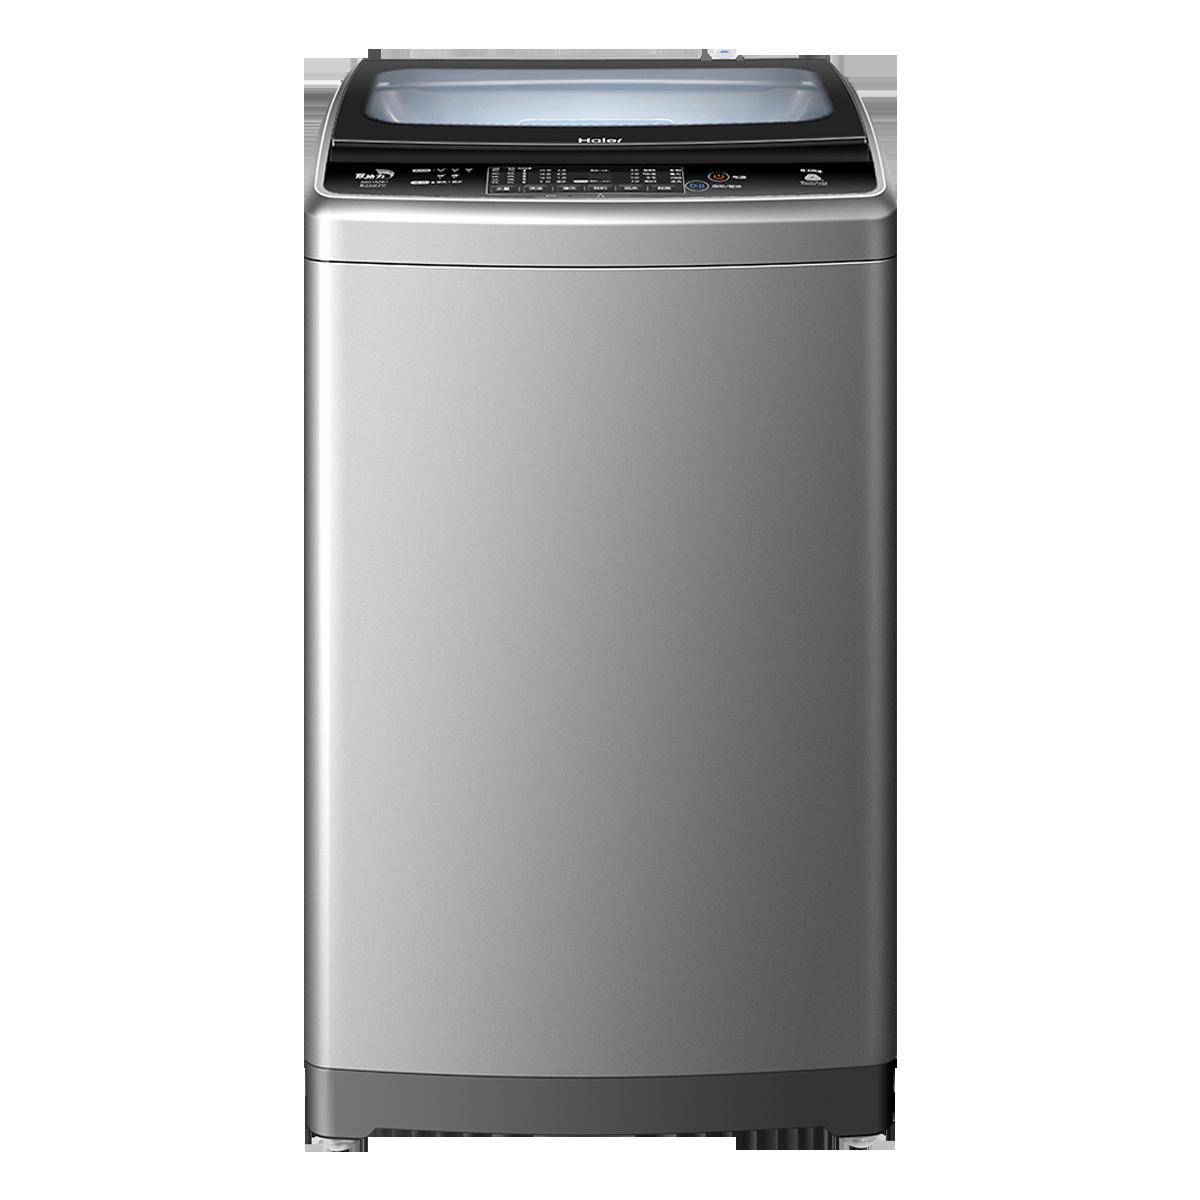 海尔Haier洗衣机 S7016Z61 说明书